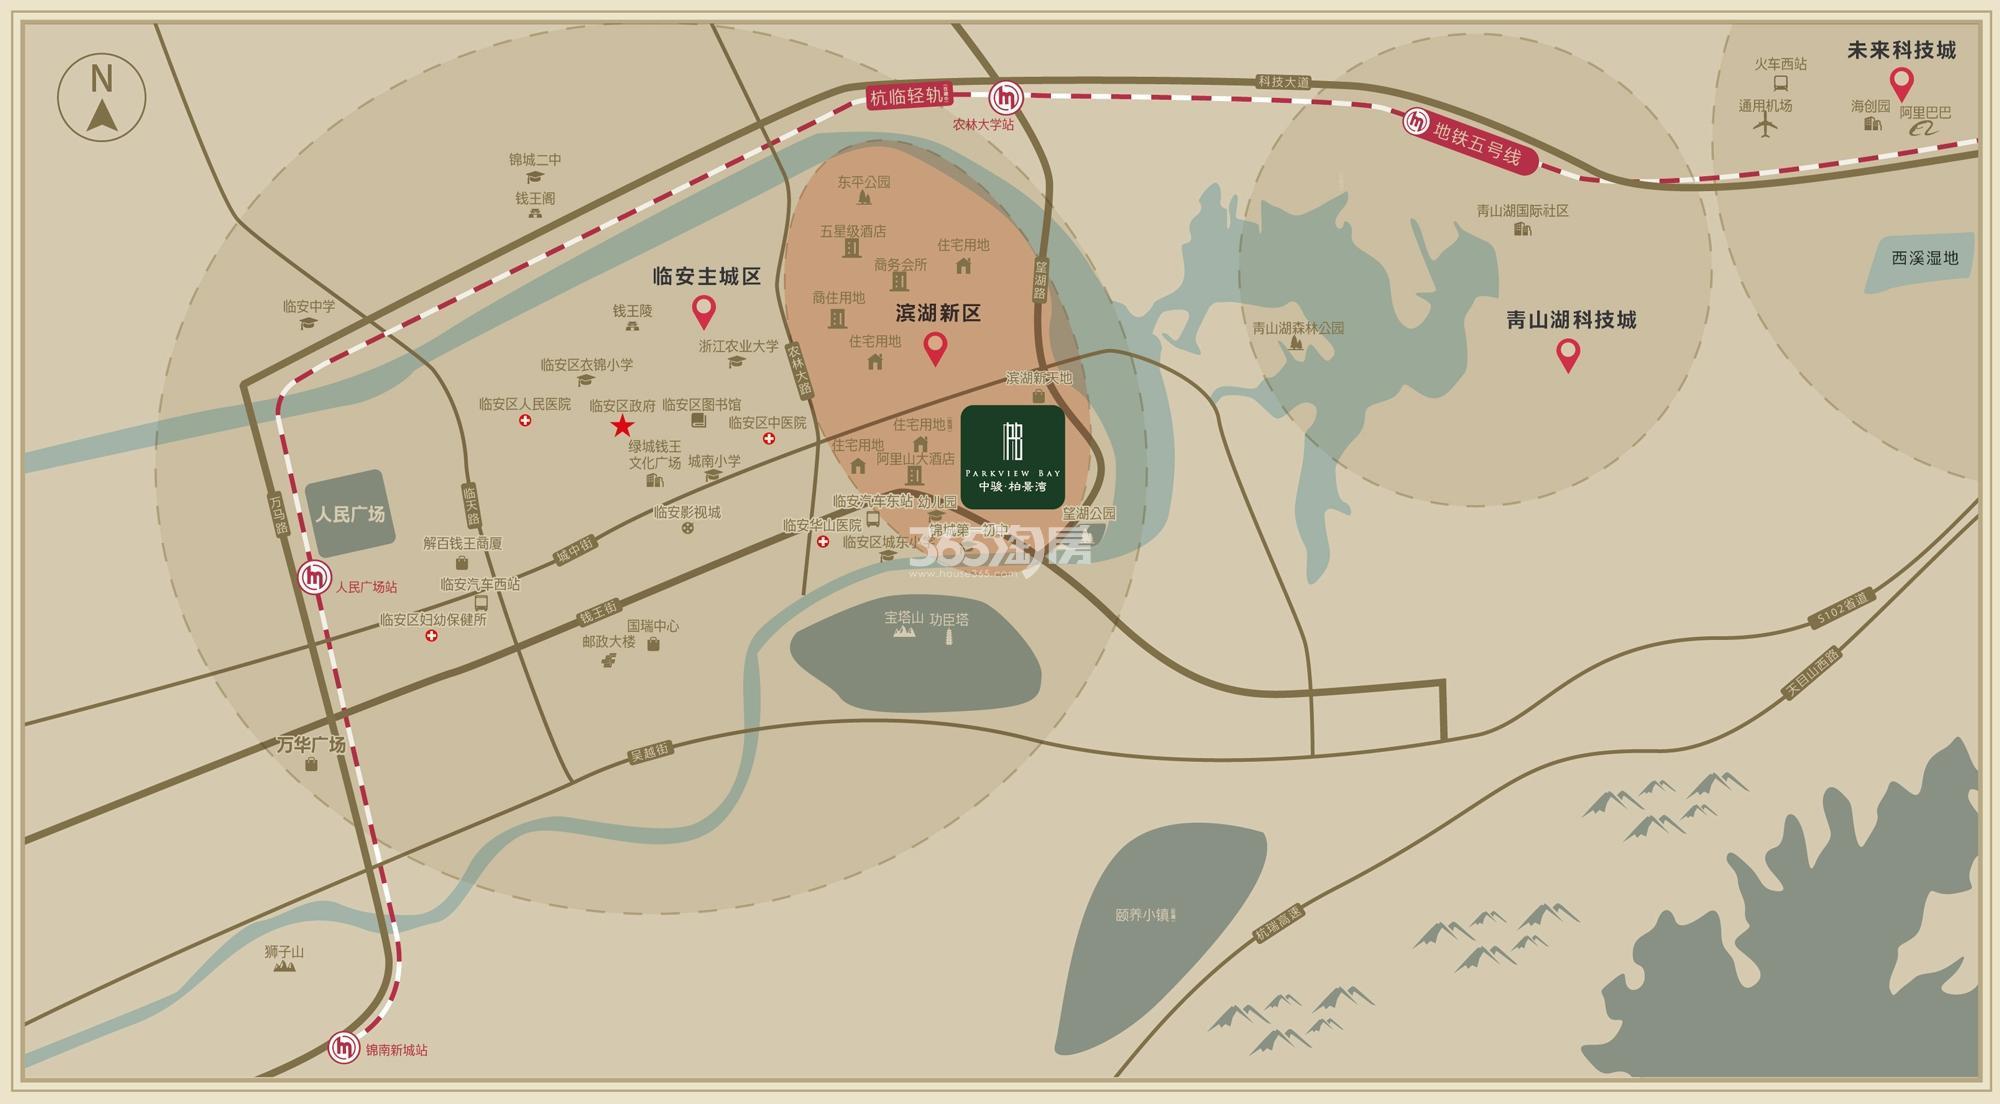 中骏柏景湾交通图